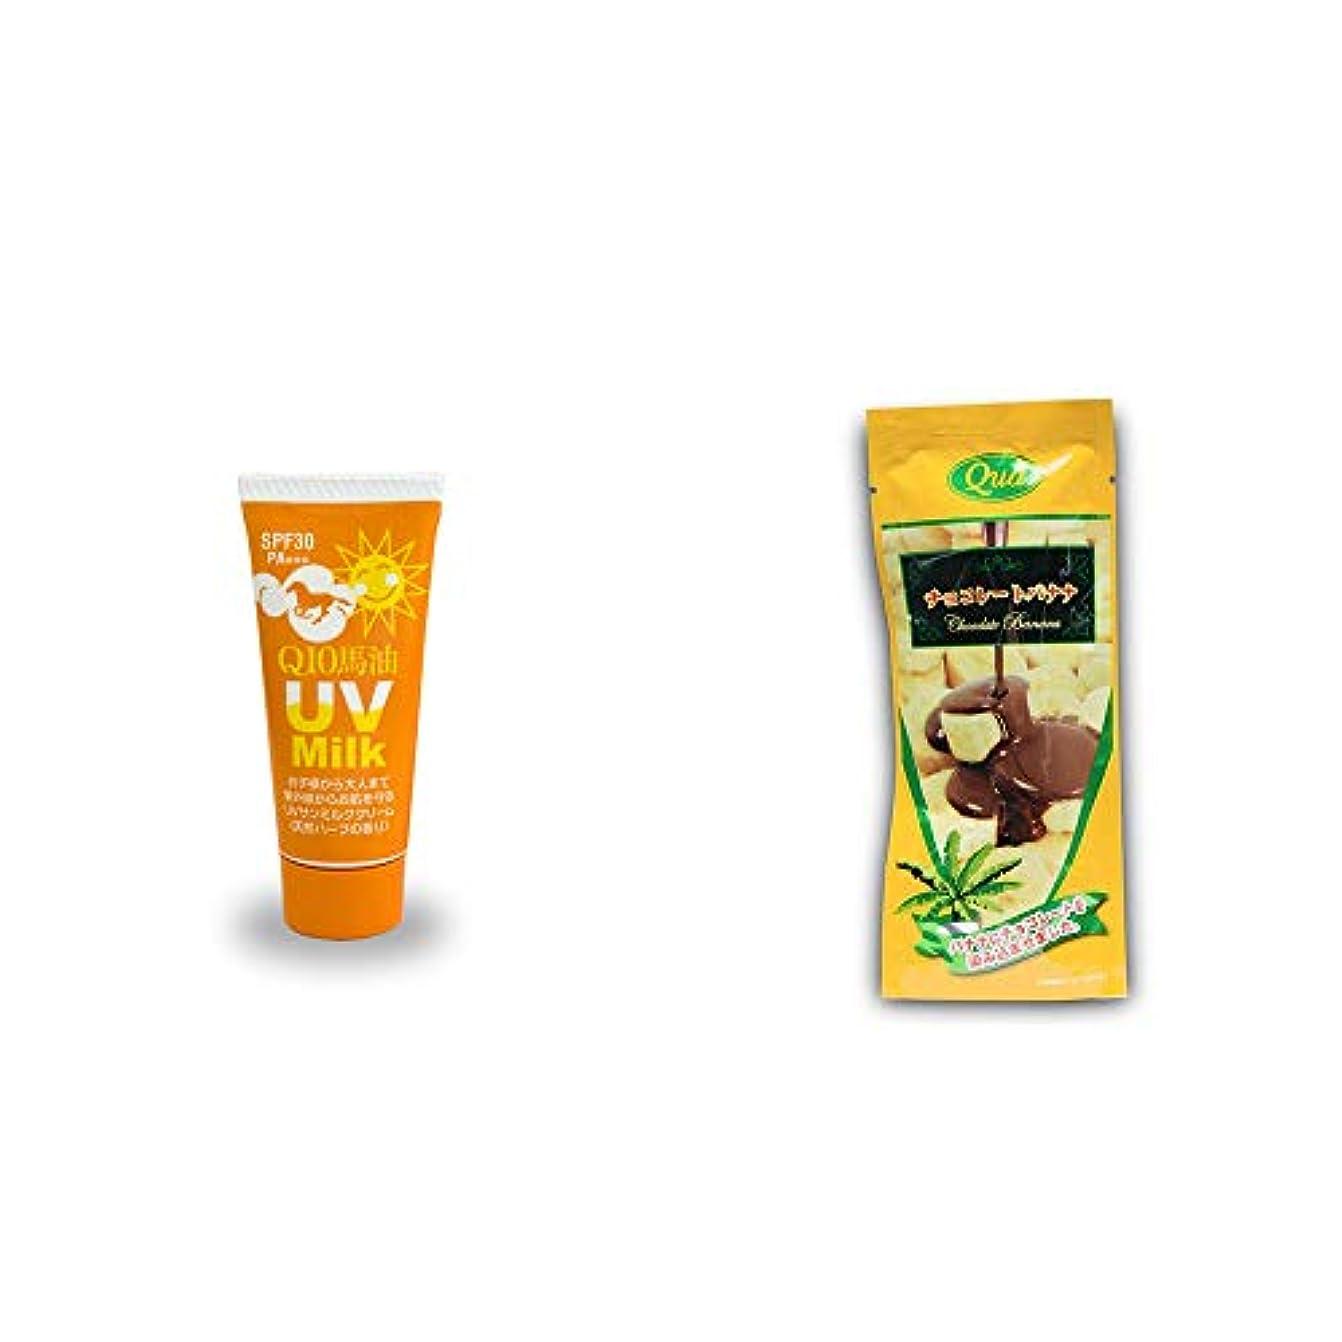 スピン時間とともに柔らかい足[2点セット] 炭黒泉 Q10馬油 UVサンミルク[天然ハーブ](40g)?フリーズドライ チョコレートバナナ(50g)